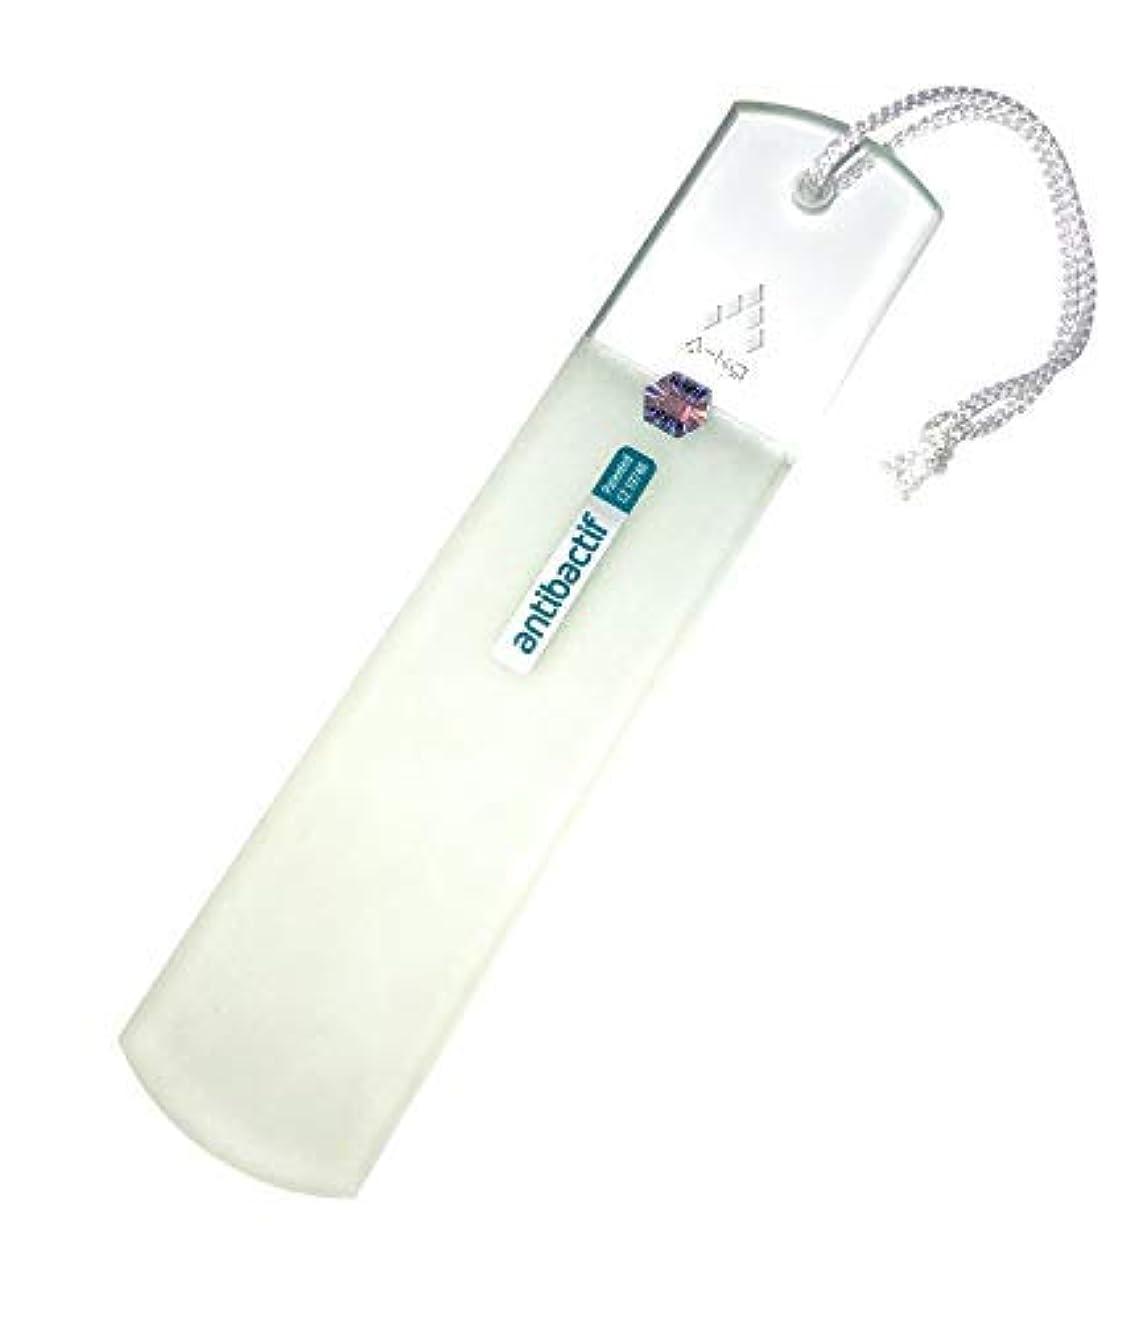 ドロップ環境に優しい魅惑するA-KG BLAZEK かかと用やすり ガラス製 抗菌 クリア 抗菌光触媒コーティング Antibactif かかと削り かかとやすり かかと 角質取り 乾かす時に便利なヒモ付